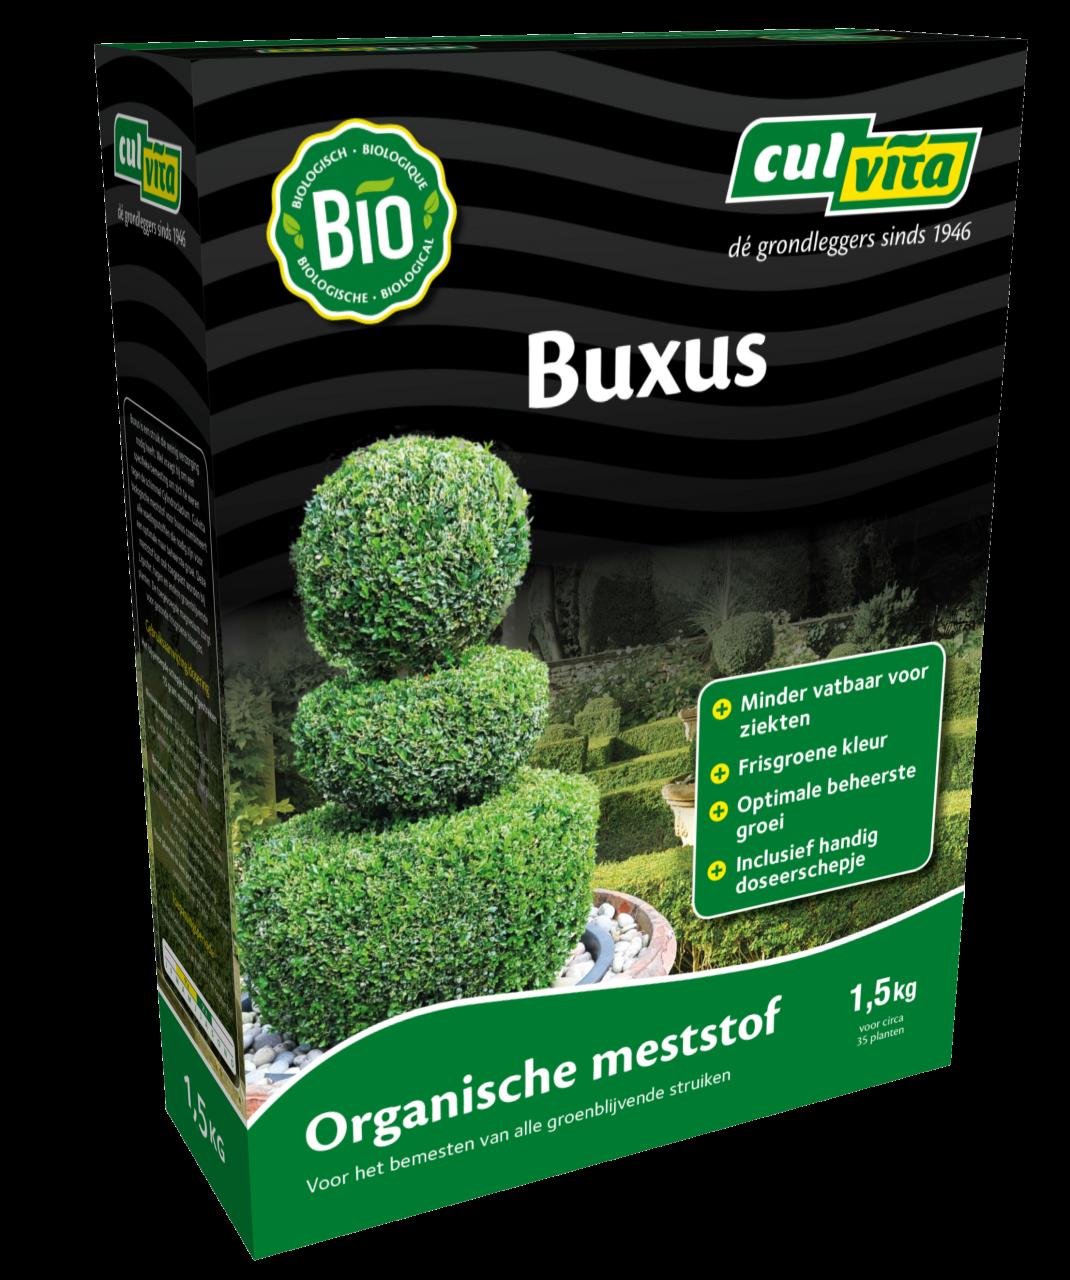 Culvita Organische Buxus Meststof